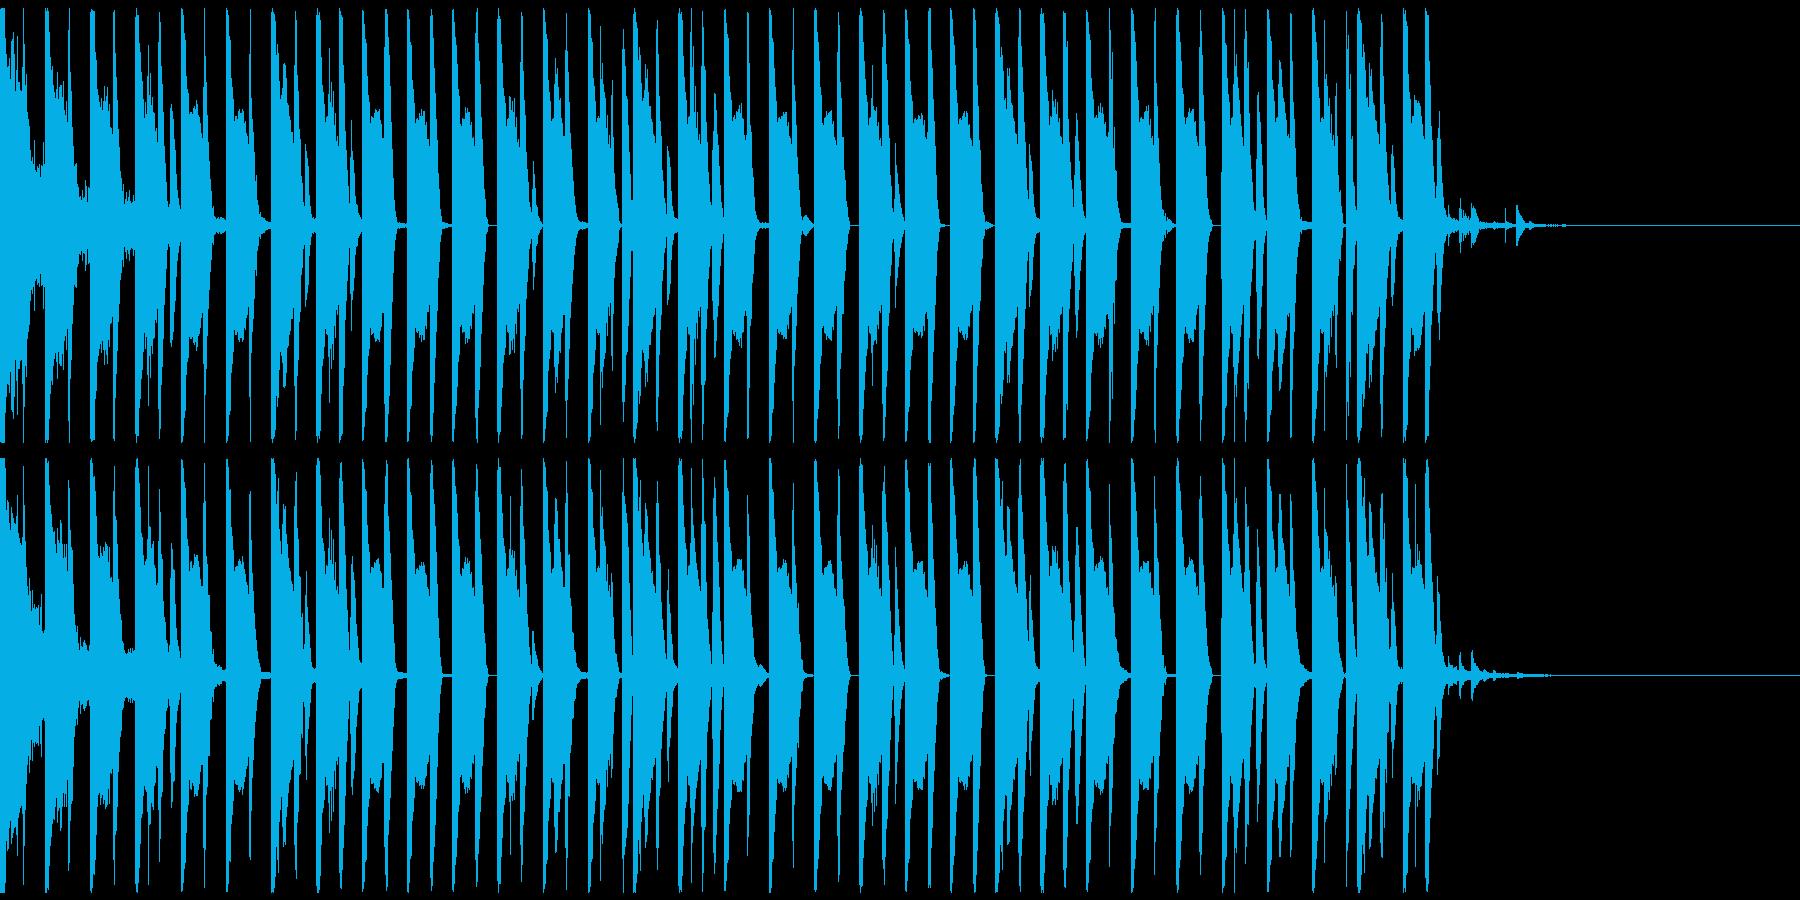 オシャレ・戦闘・スリリングEDM、②の再生済みの波形